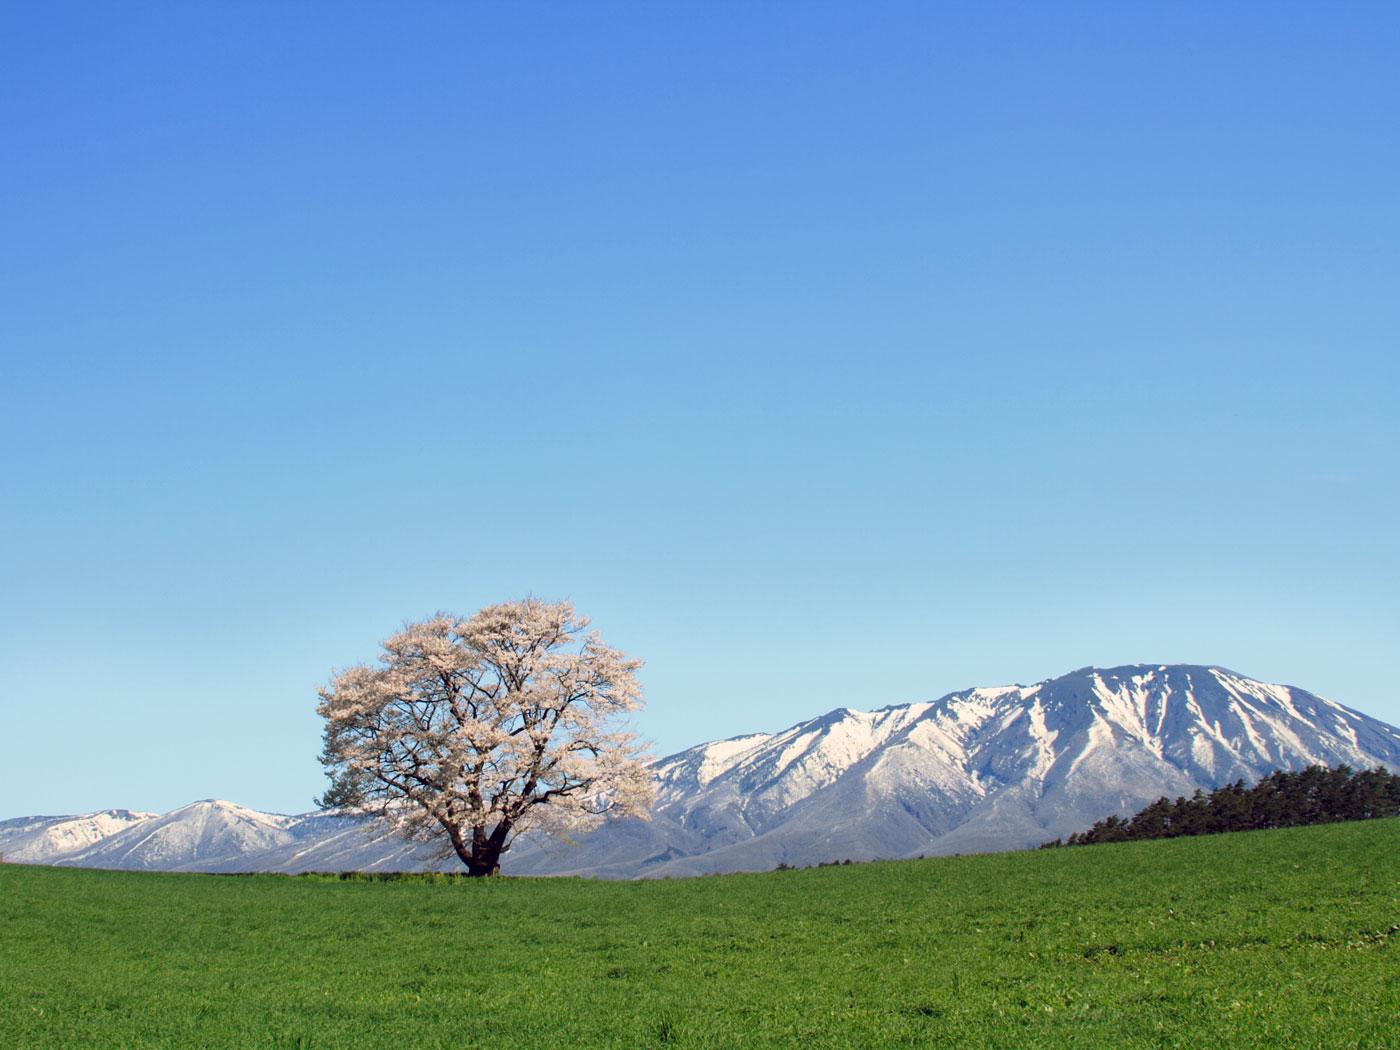 小岩井農場の一本桜-紺碧の空 ... : 2016年カレンダー 印刷用 : カレンダー